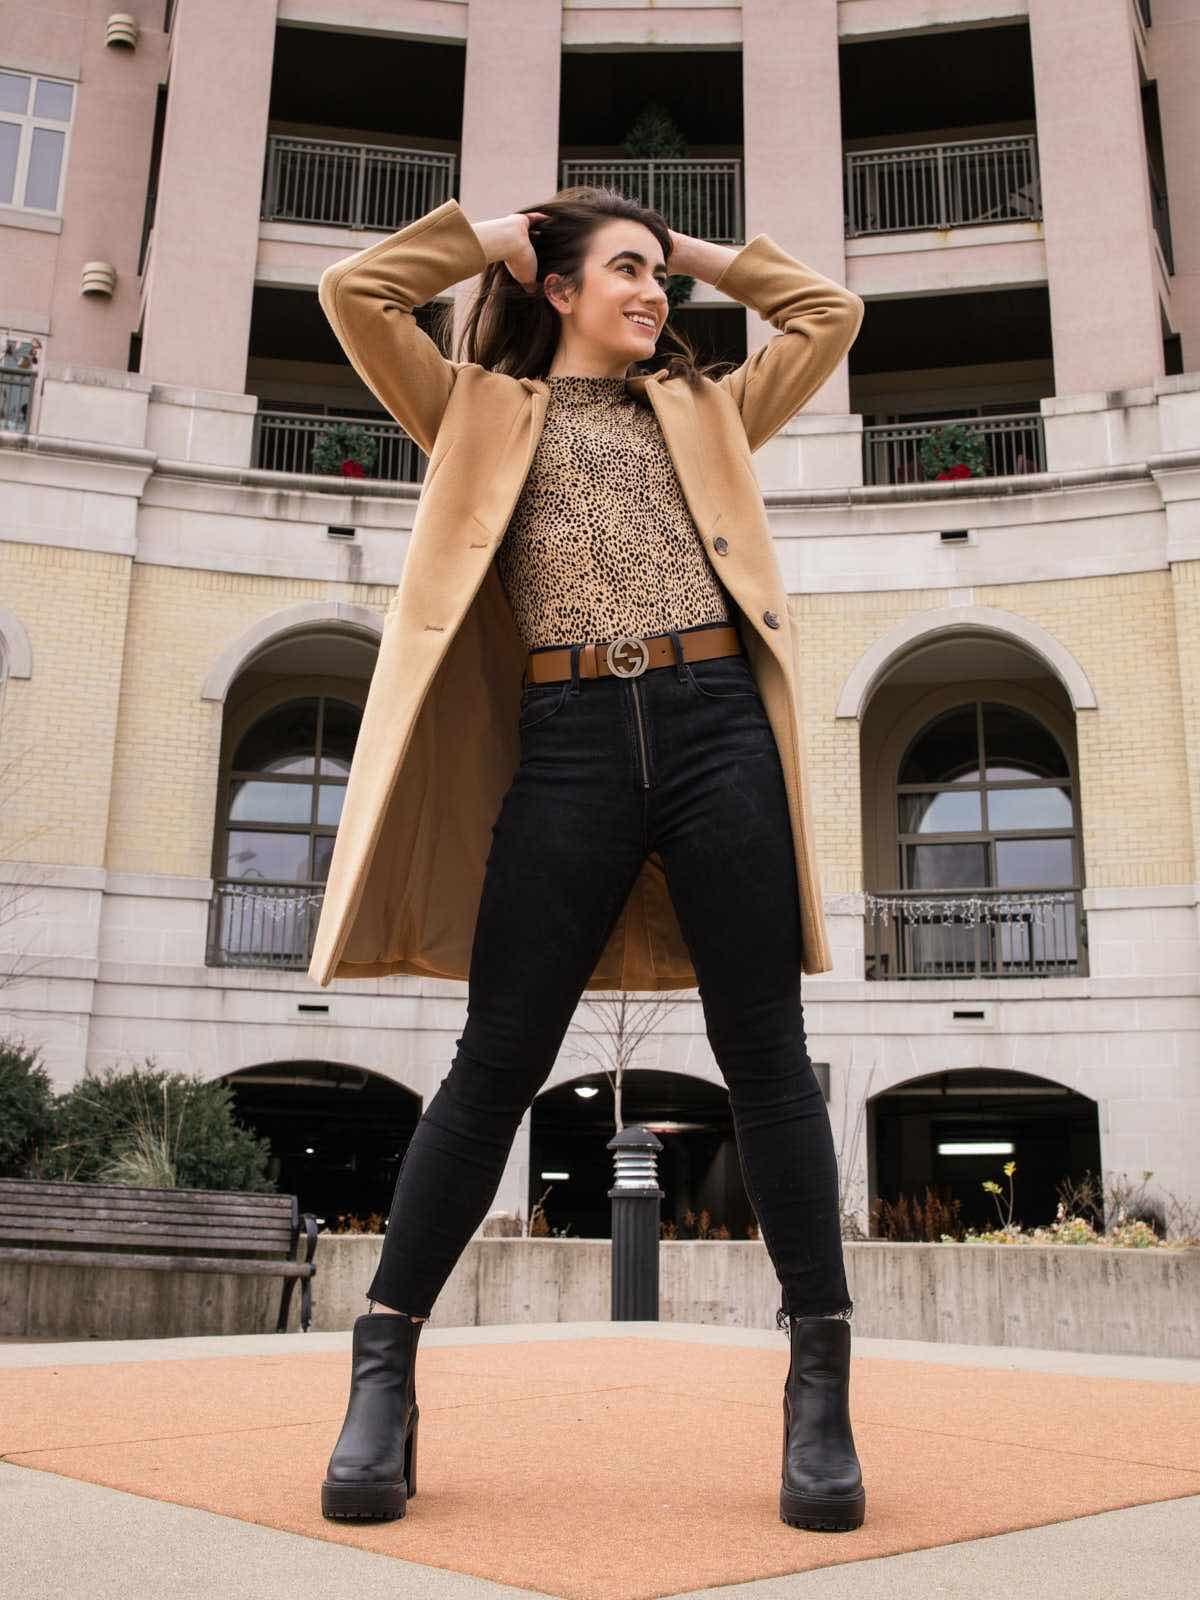 sce-agency-female-model-julia-s-4aa